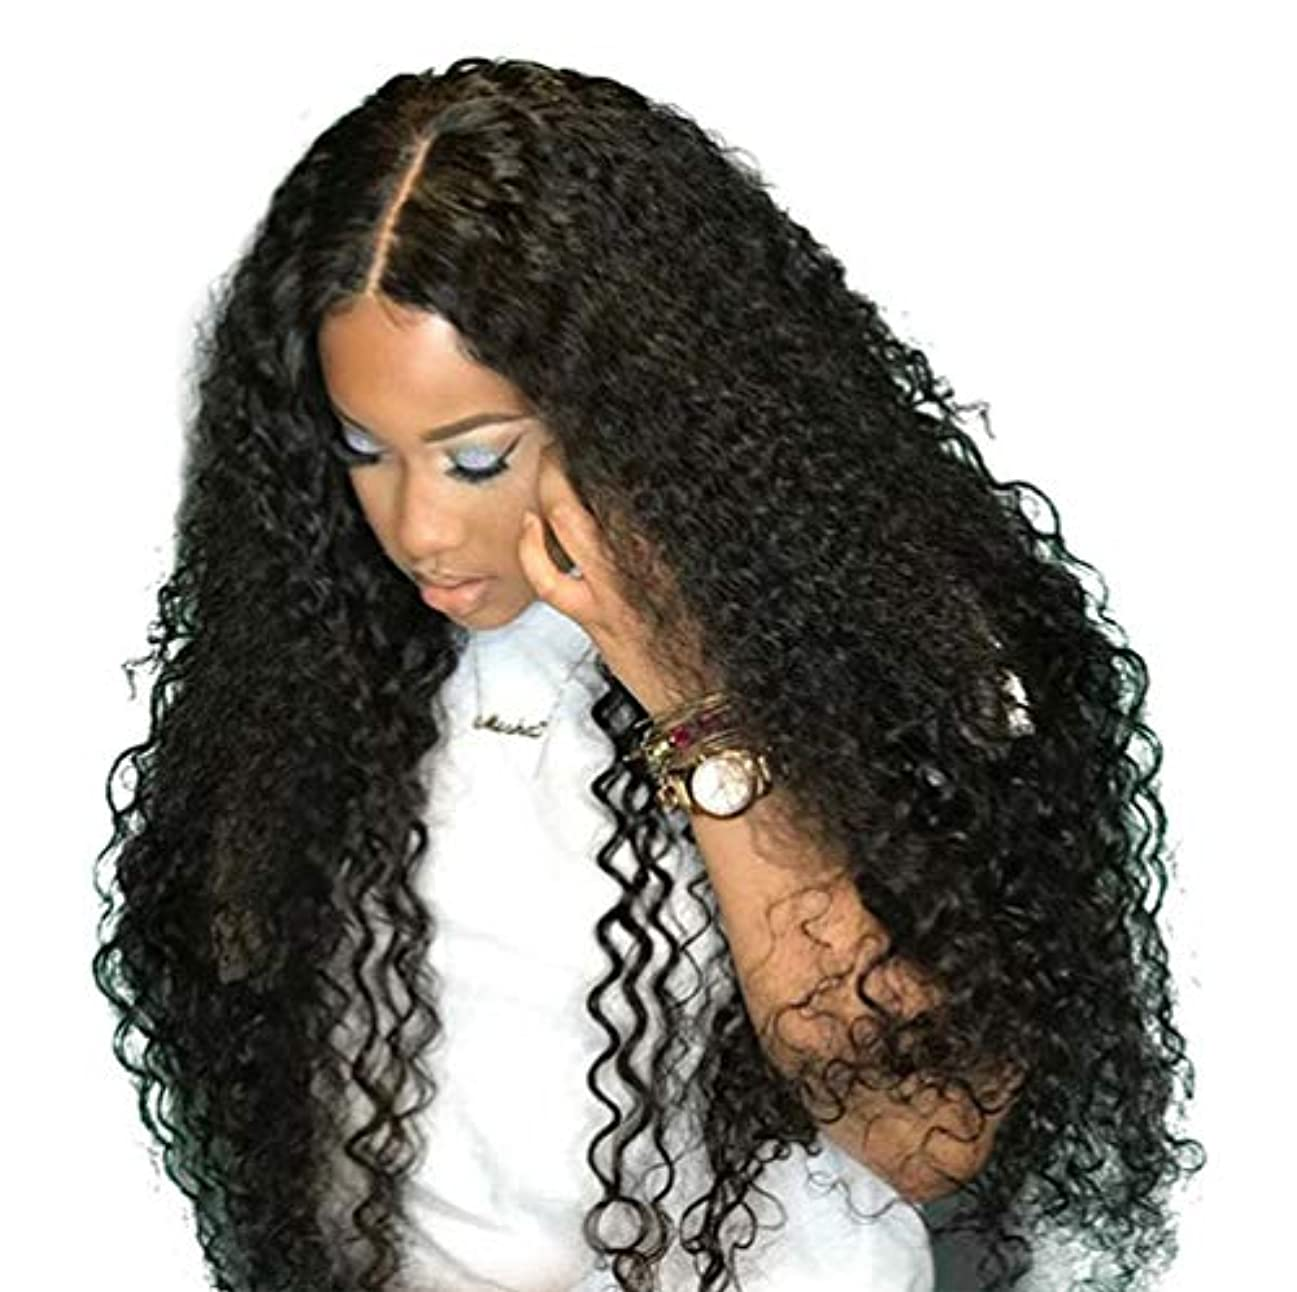 ハッピー評議会豪華なブラジルレースかつらカーリーウェーブグルーレスレースかつら前頭かつら女性130%密度ブラジルカーリー人間の髪の毛黒26インチ